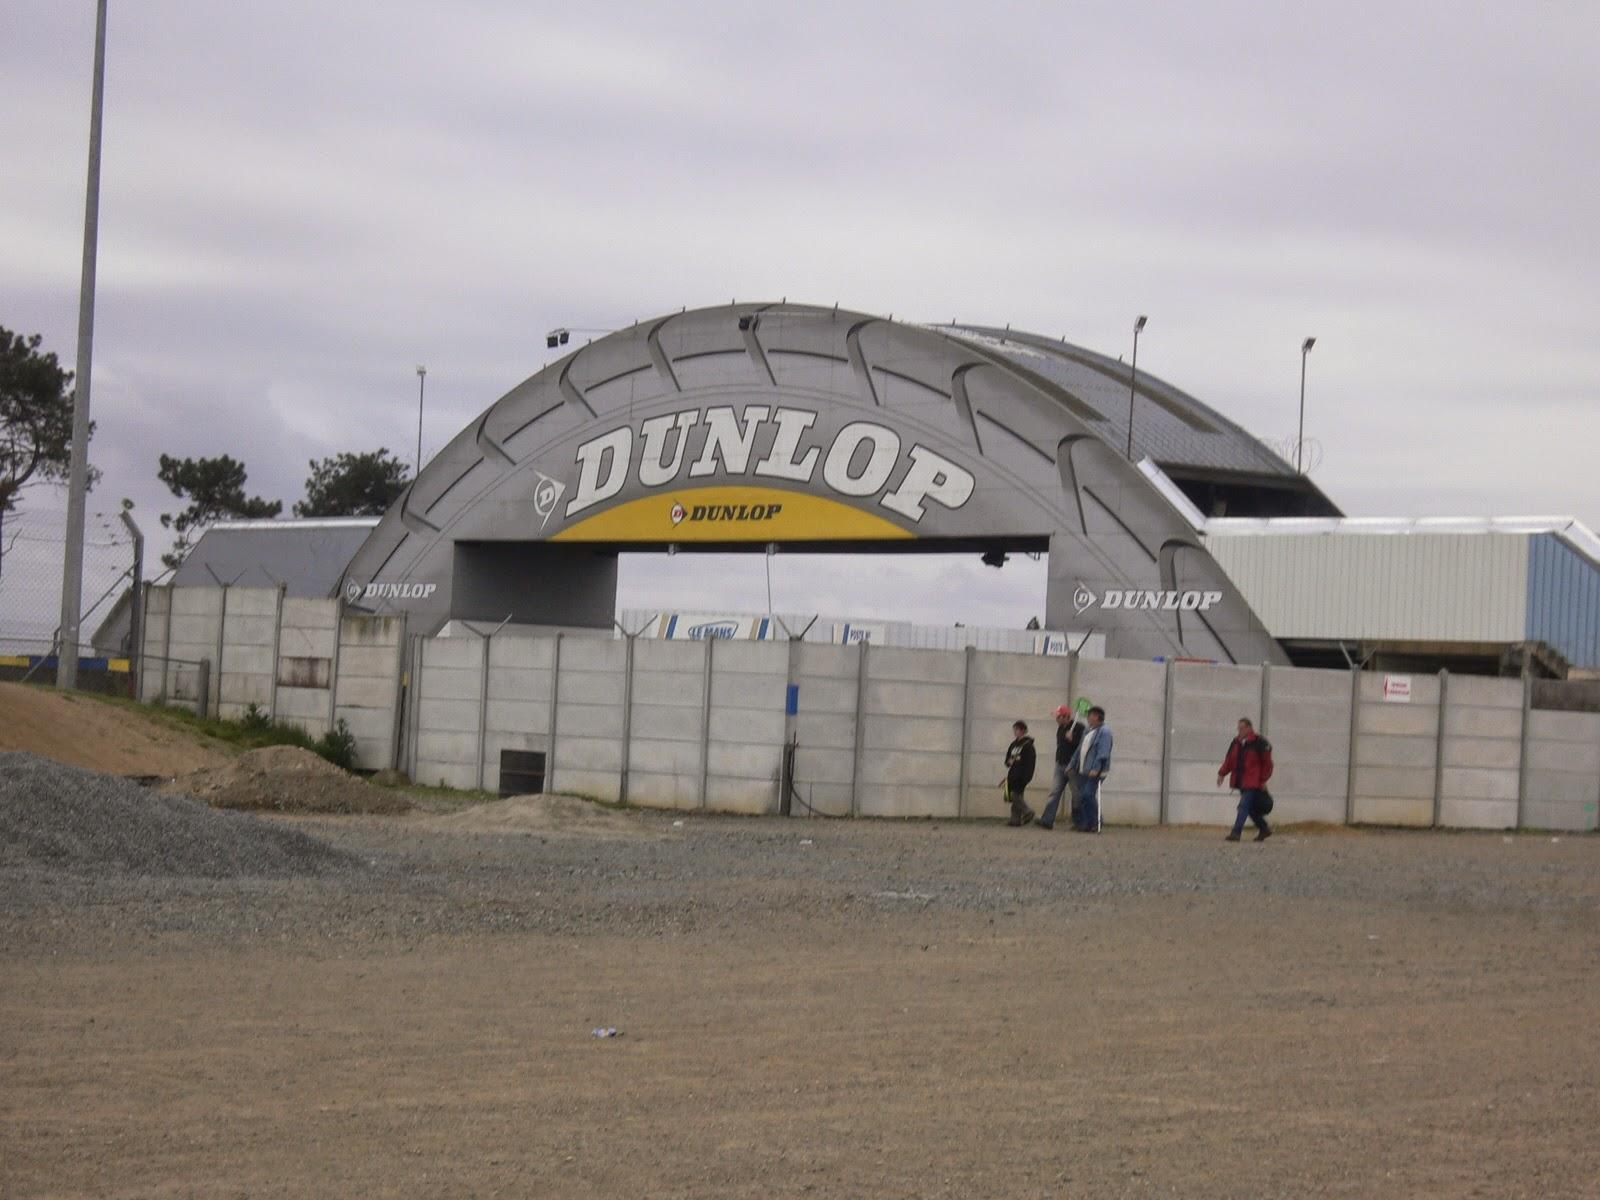 Arco Dunlop Circuito de Le Mans